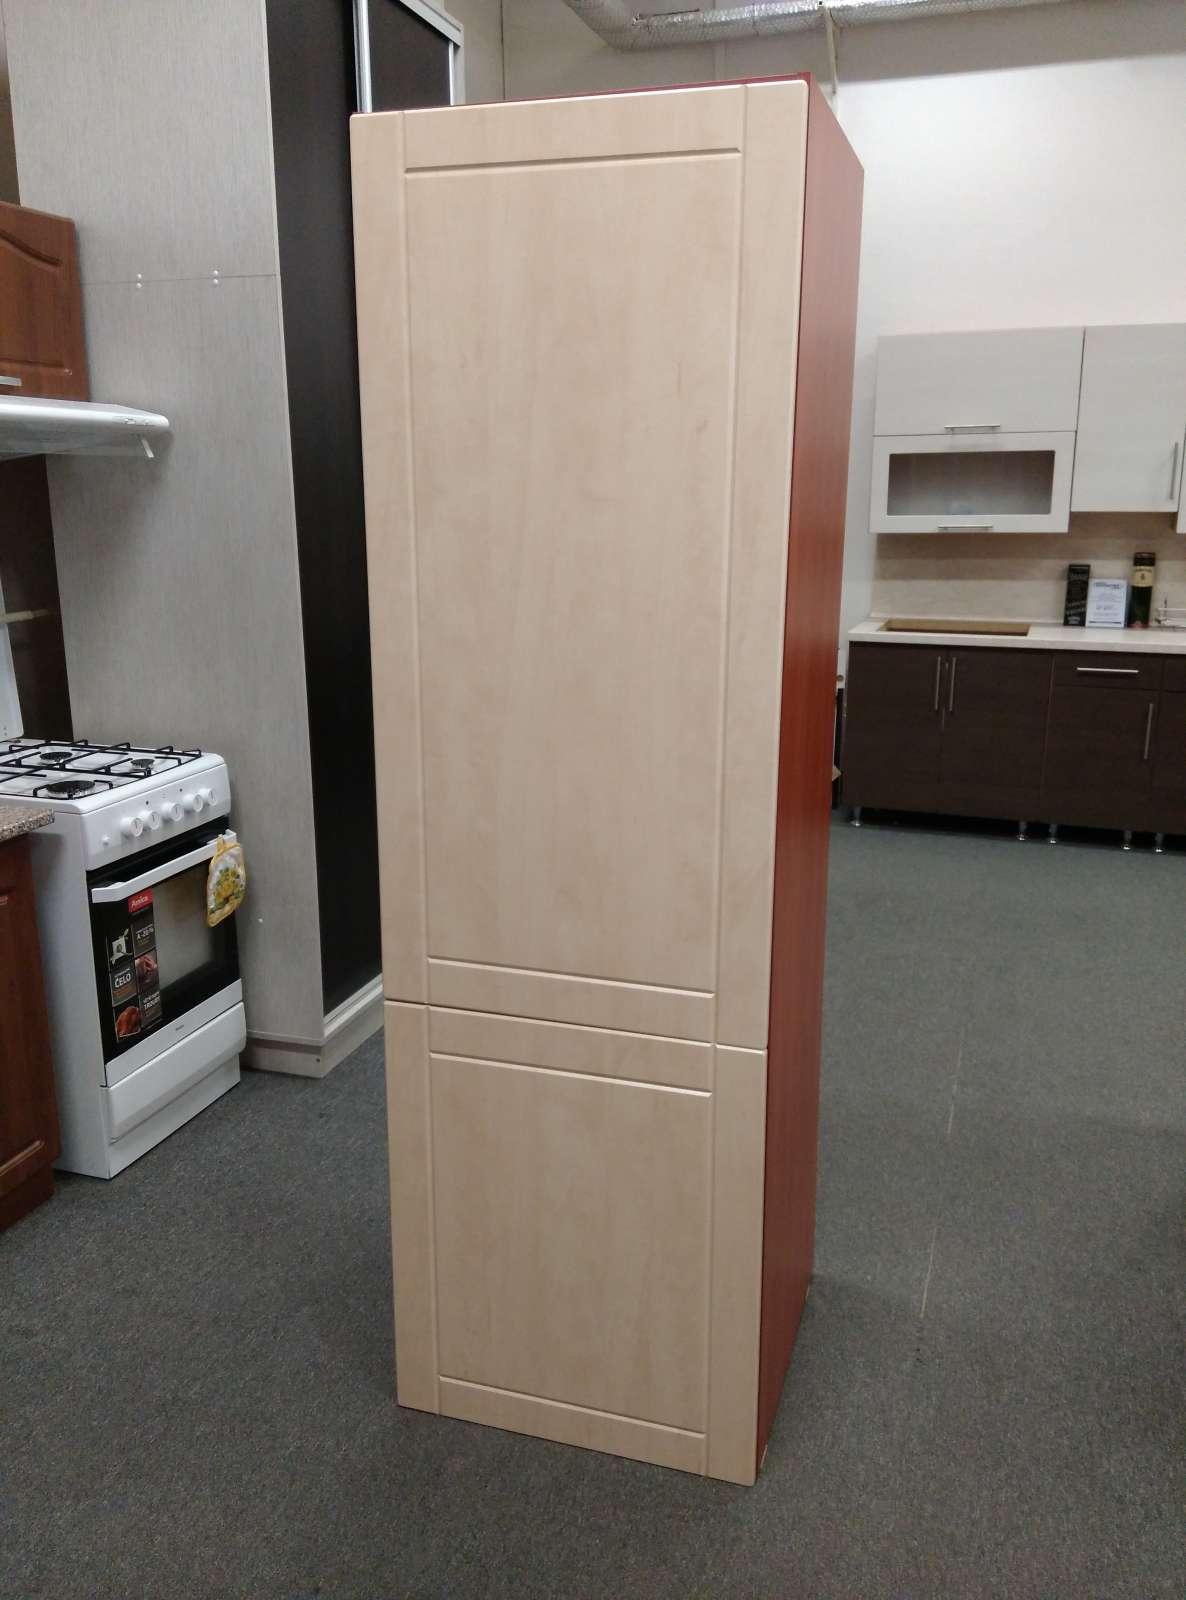 Spodní vysoká skříň na vestavnou lednici - výprodej